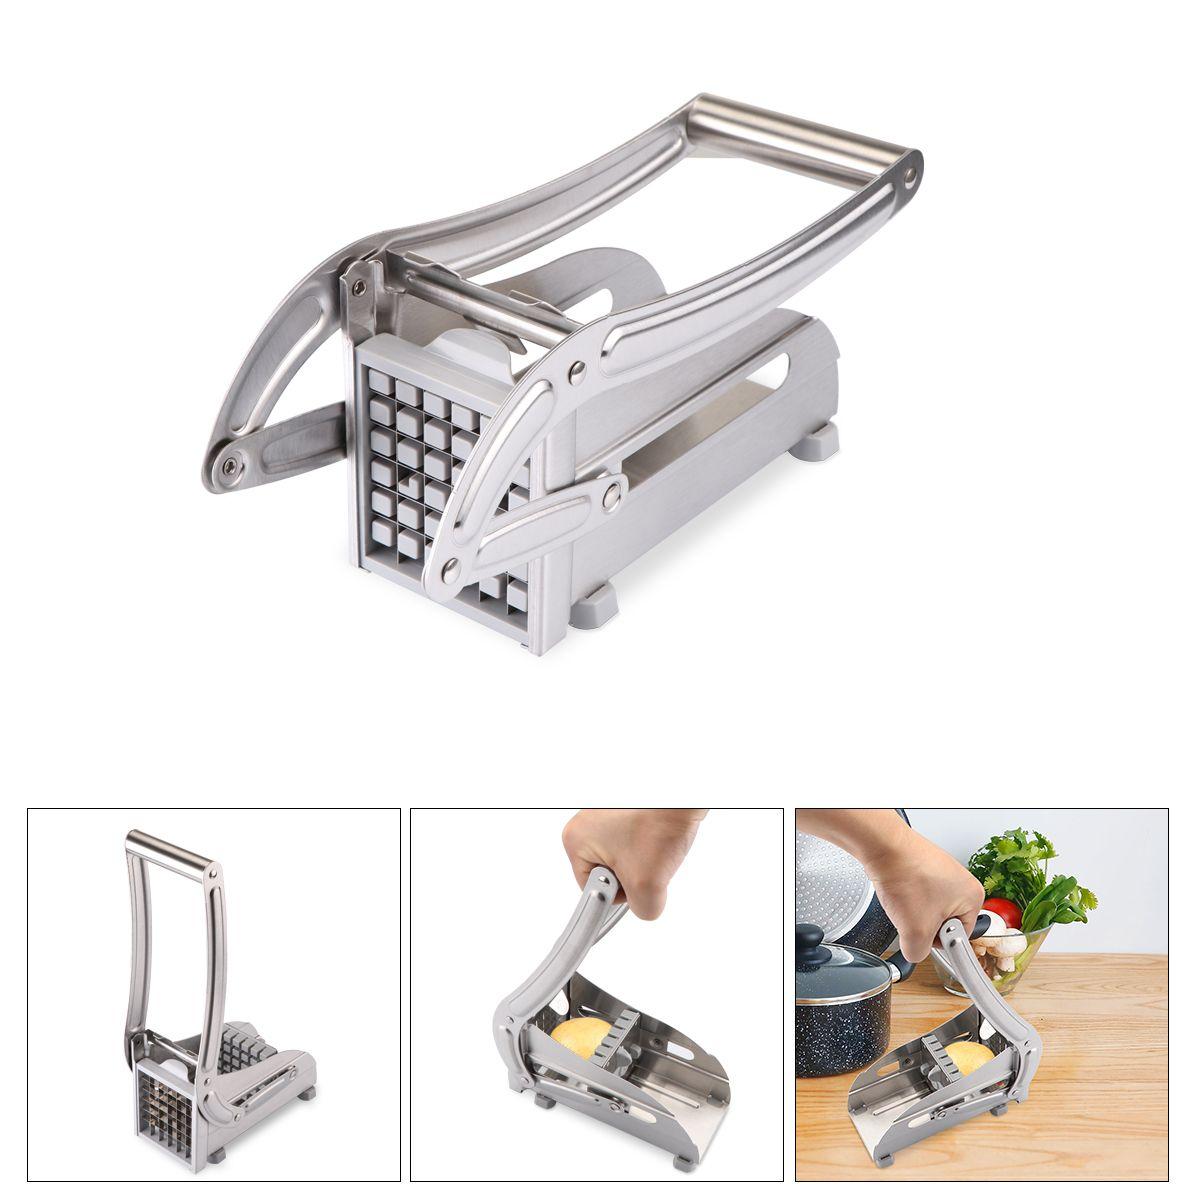 رقائق البطاطس فعالة ماكينة المقاوم للصدأ الفرنسية فراي البطاطس القاطع القطاعة تقطيع شريحة الخيار قطع أدوات المطبخ